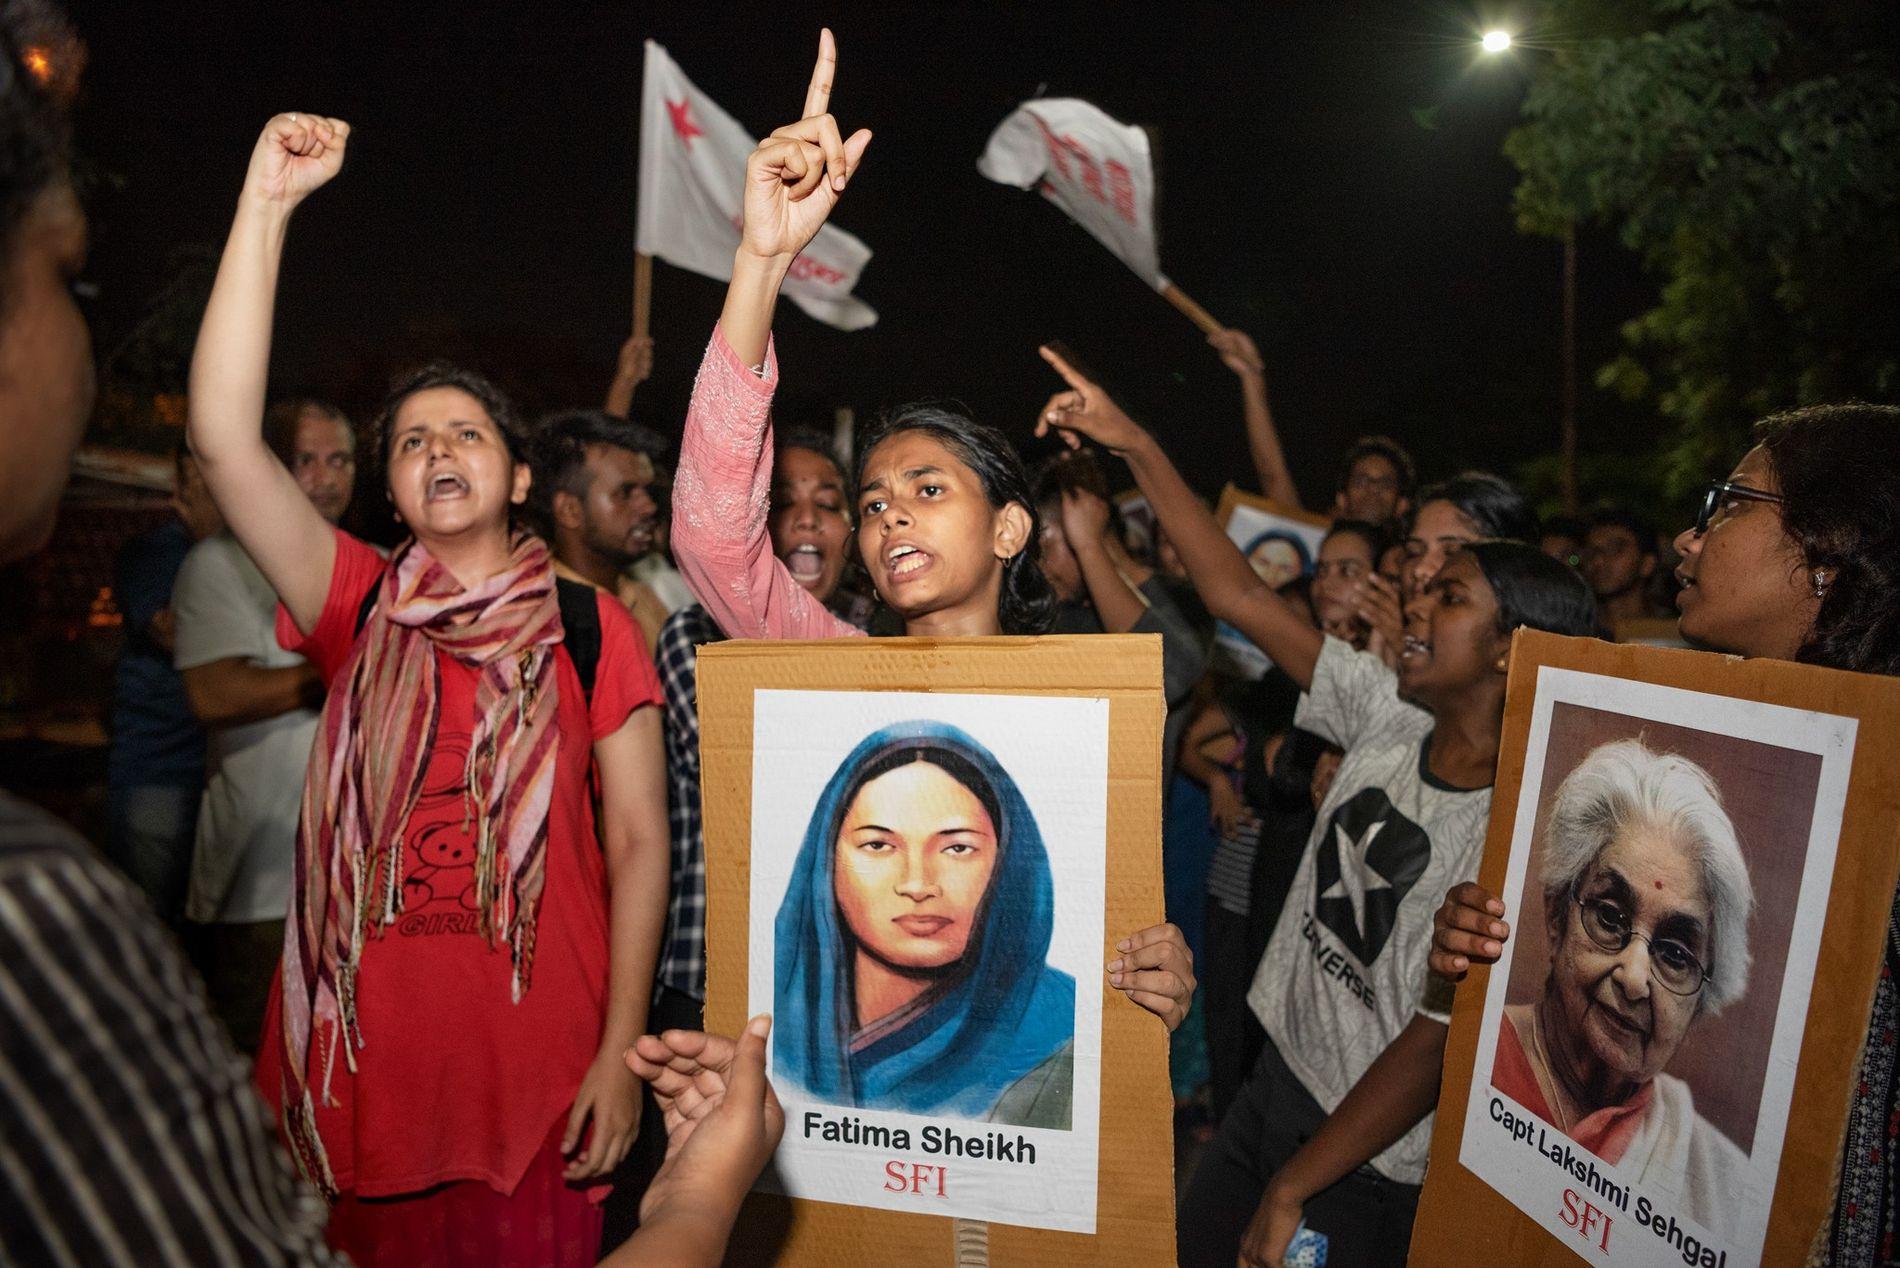 Las alumnas de la Universidad Jawaharlal Nehru de Nueva Delhi llevan pancartas de activistas de género ...